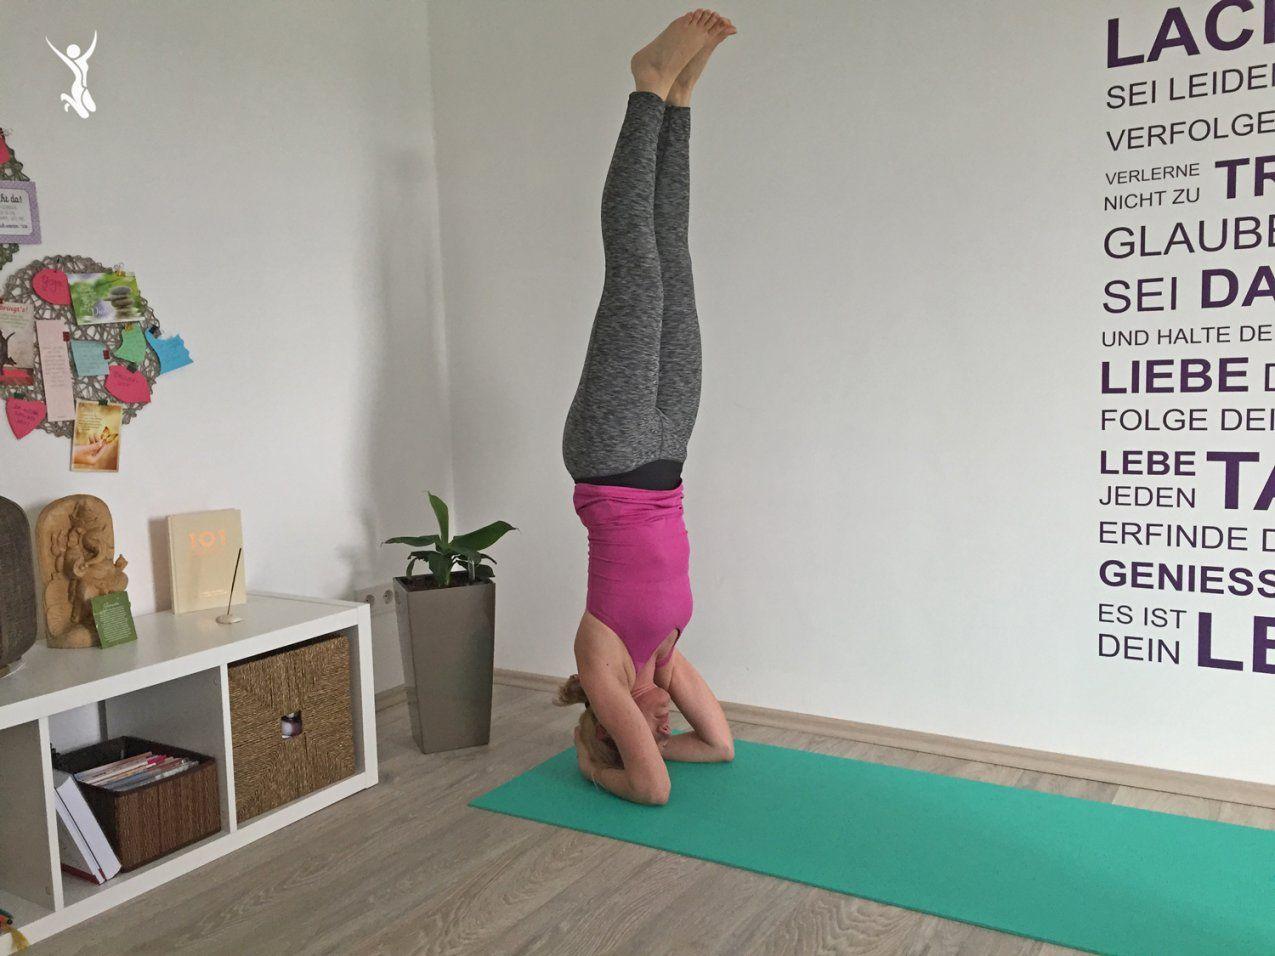 Kopfstand Lernen 6 Geniale Tipps Wie Ihr Den Kopfstand Im Yoga von Yoga Lernen Zu Hause Bild